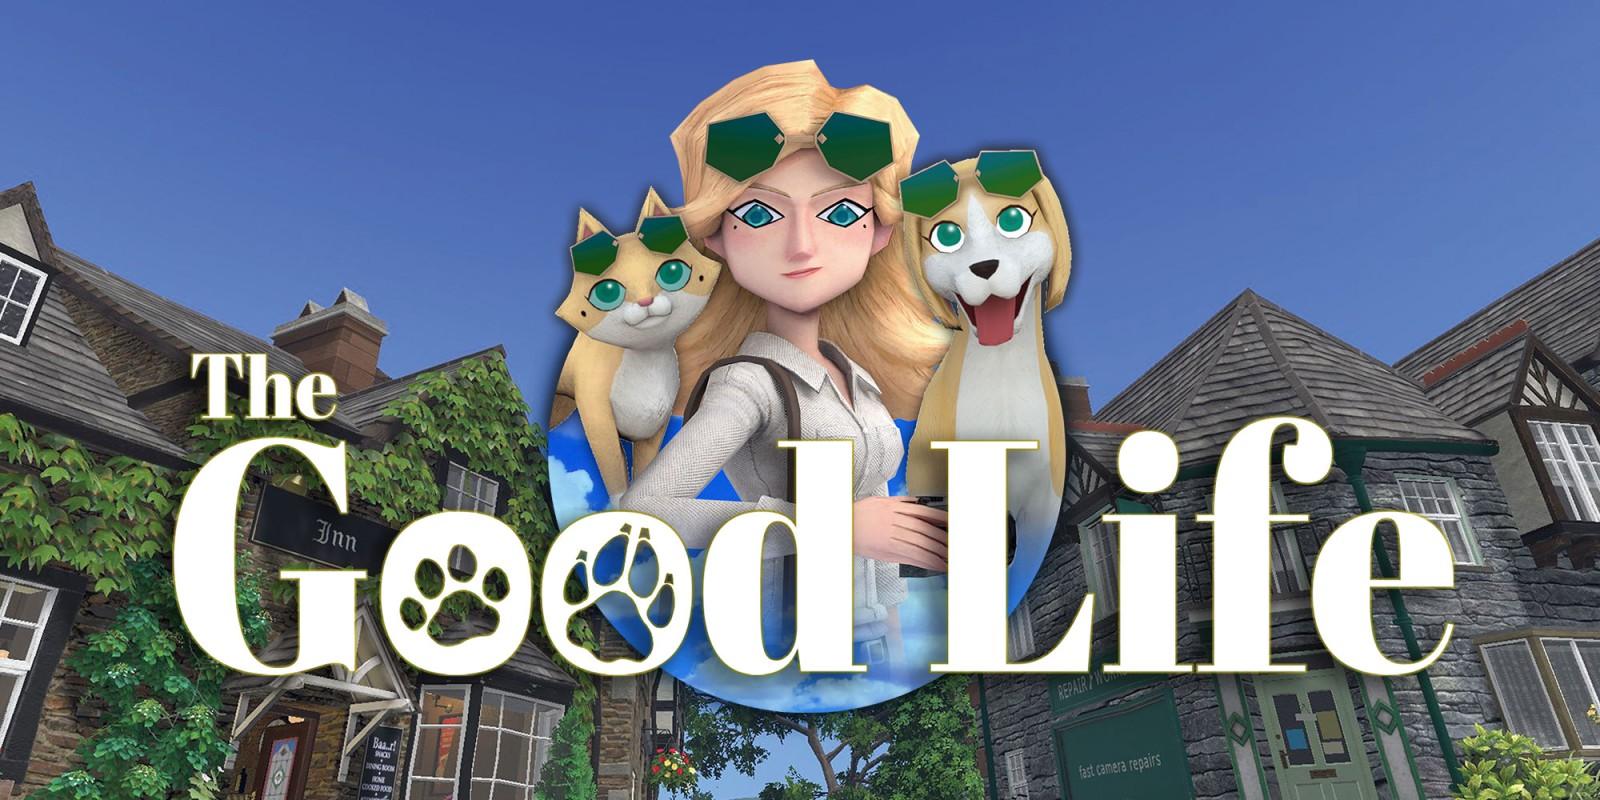 The Good Life обзавелась датой релиза - игру выпустят 15 октября, сразу в Game Pass